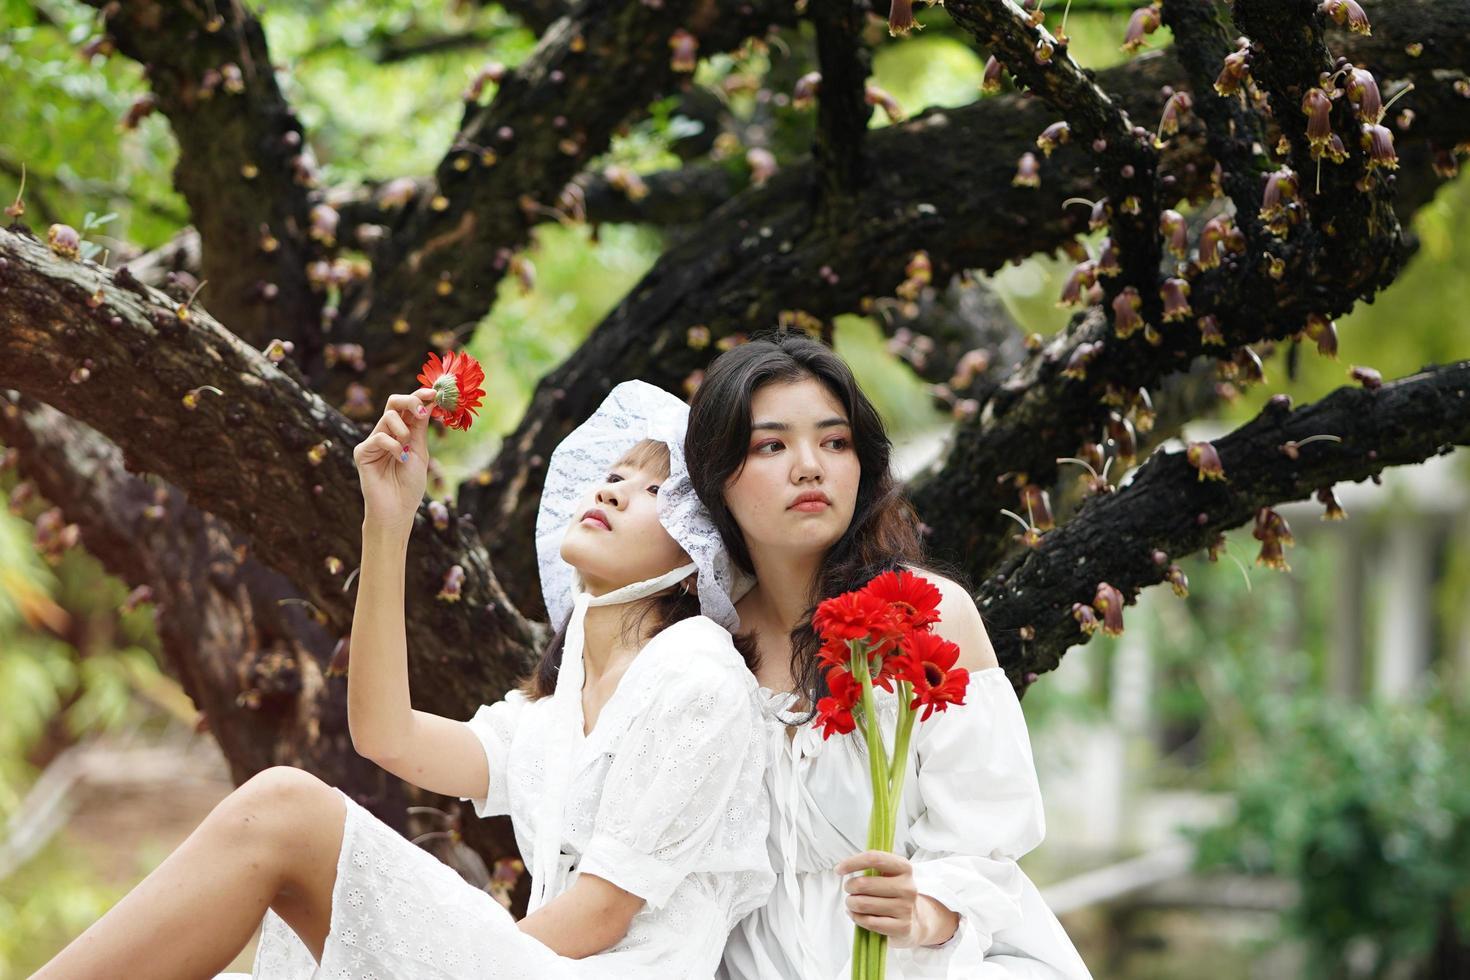 dos mujeres debajo de un árbol con flores foto